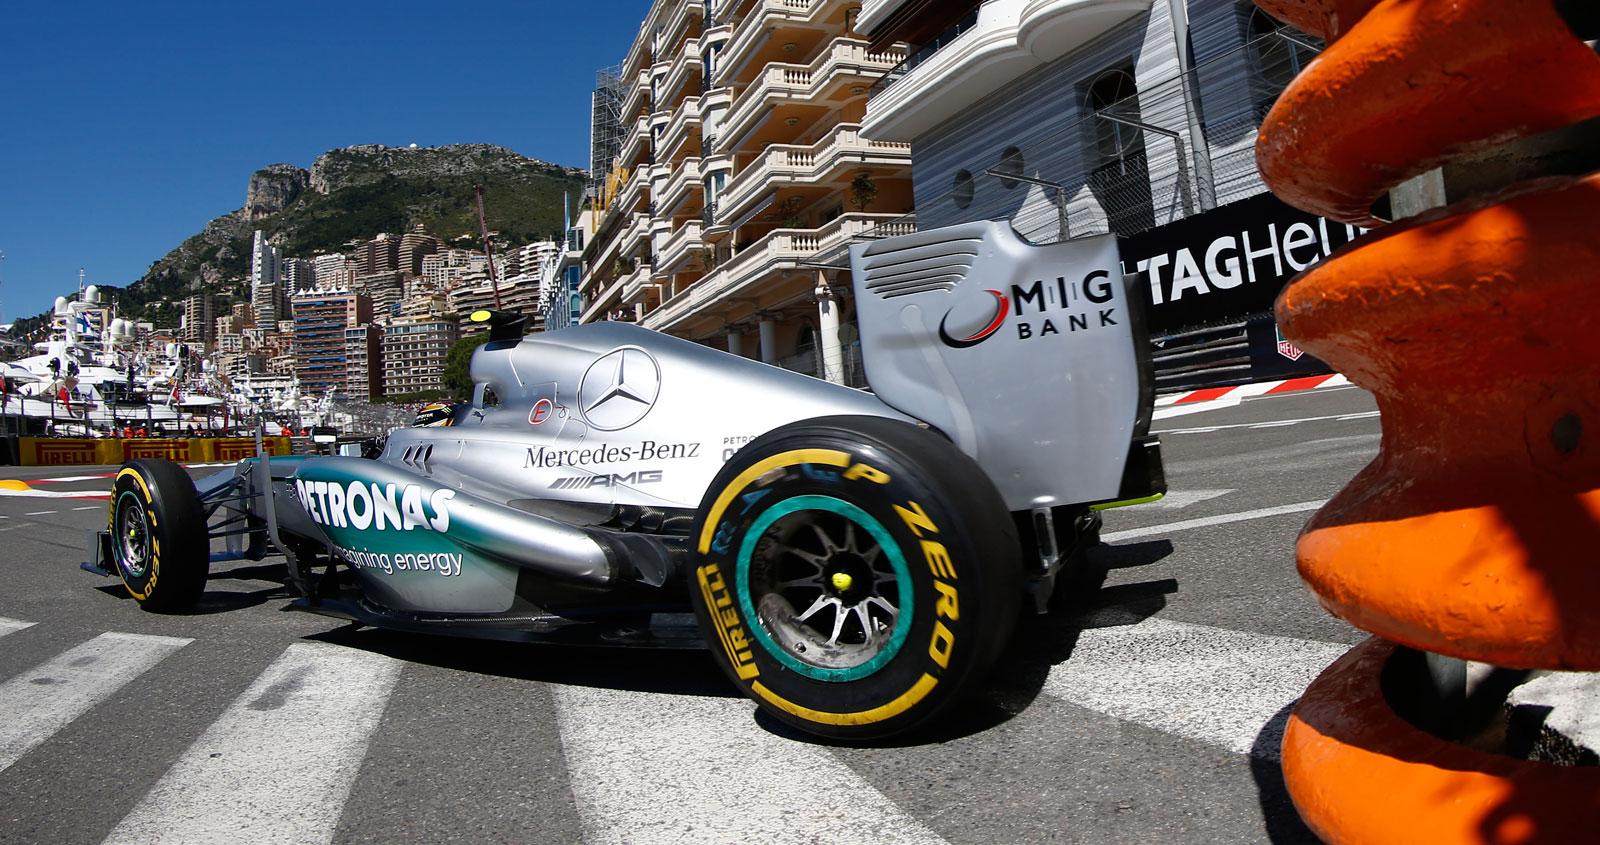 Fia Reprimands Mercedes Pirelli For Unauthorized F1 Tire Test